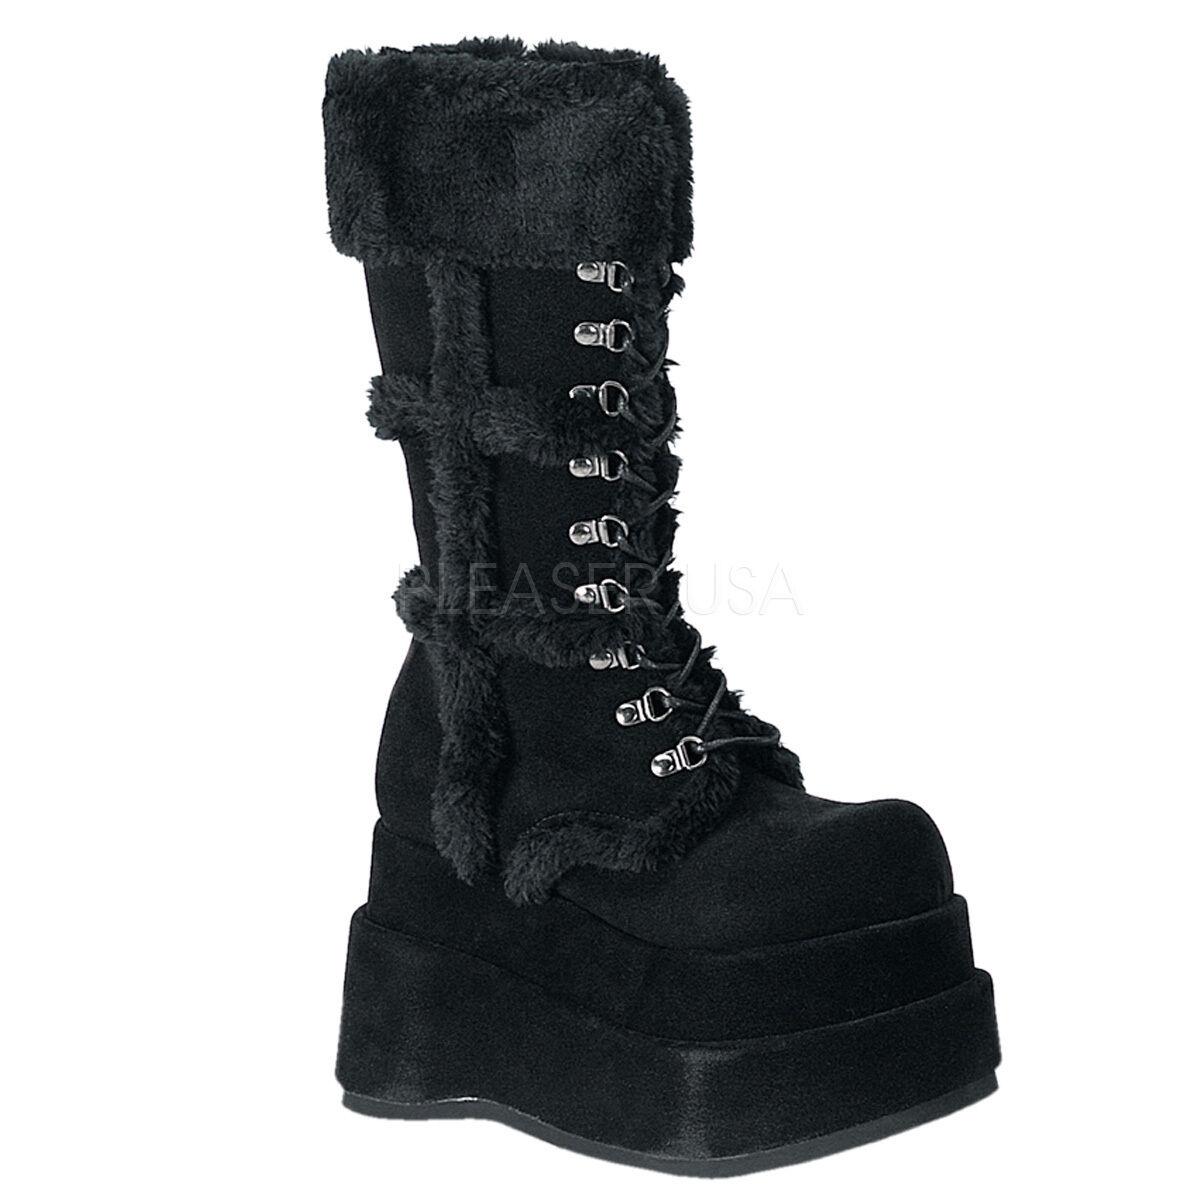 Demonia enorme 4.5  apilados de imitación de gamuza de plataforma Piel Negro botas difusa Goth 6-12